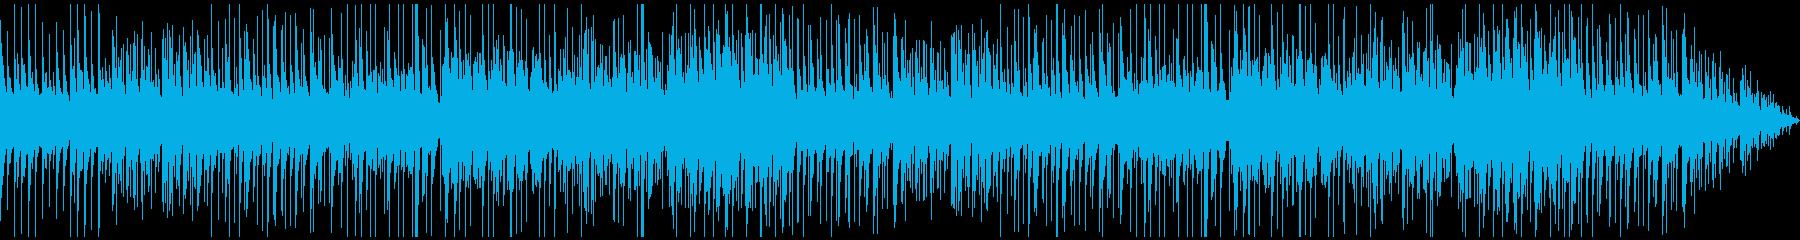 心落ち着く優しいピアノバラードの再生済みの波形